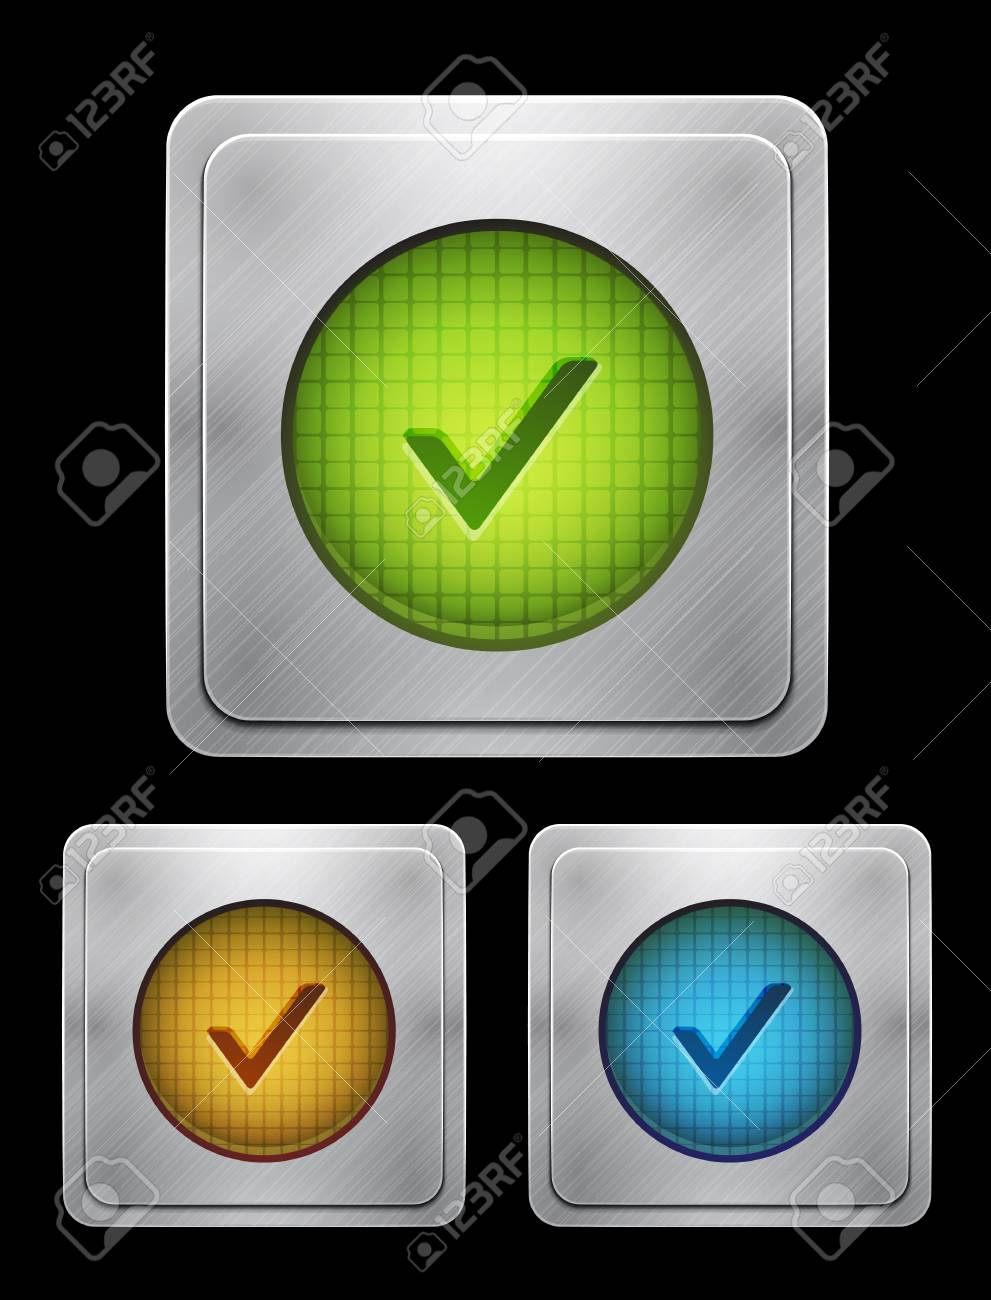 tick phone button Stock Vector - 14402330